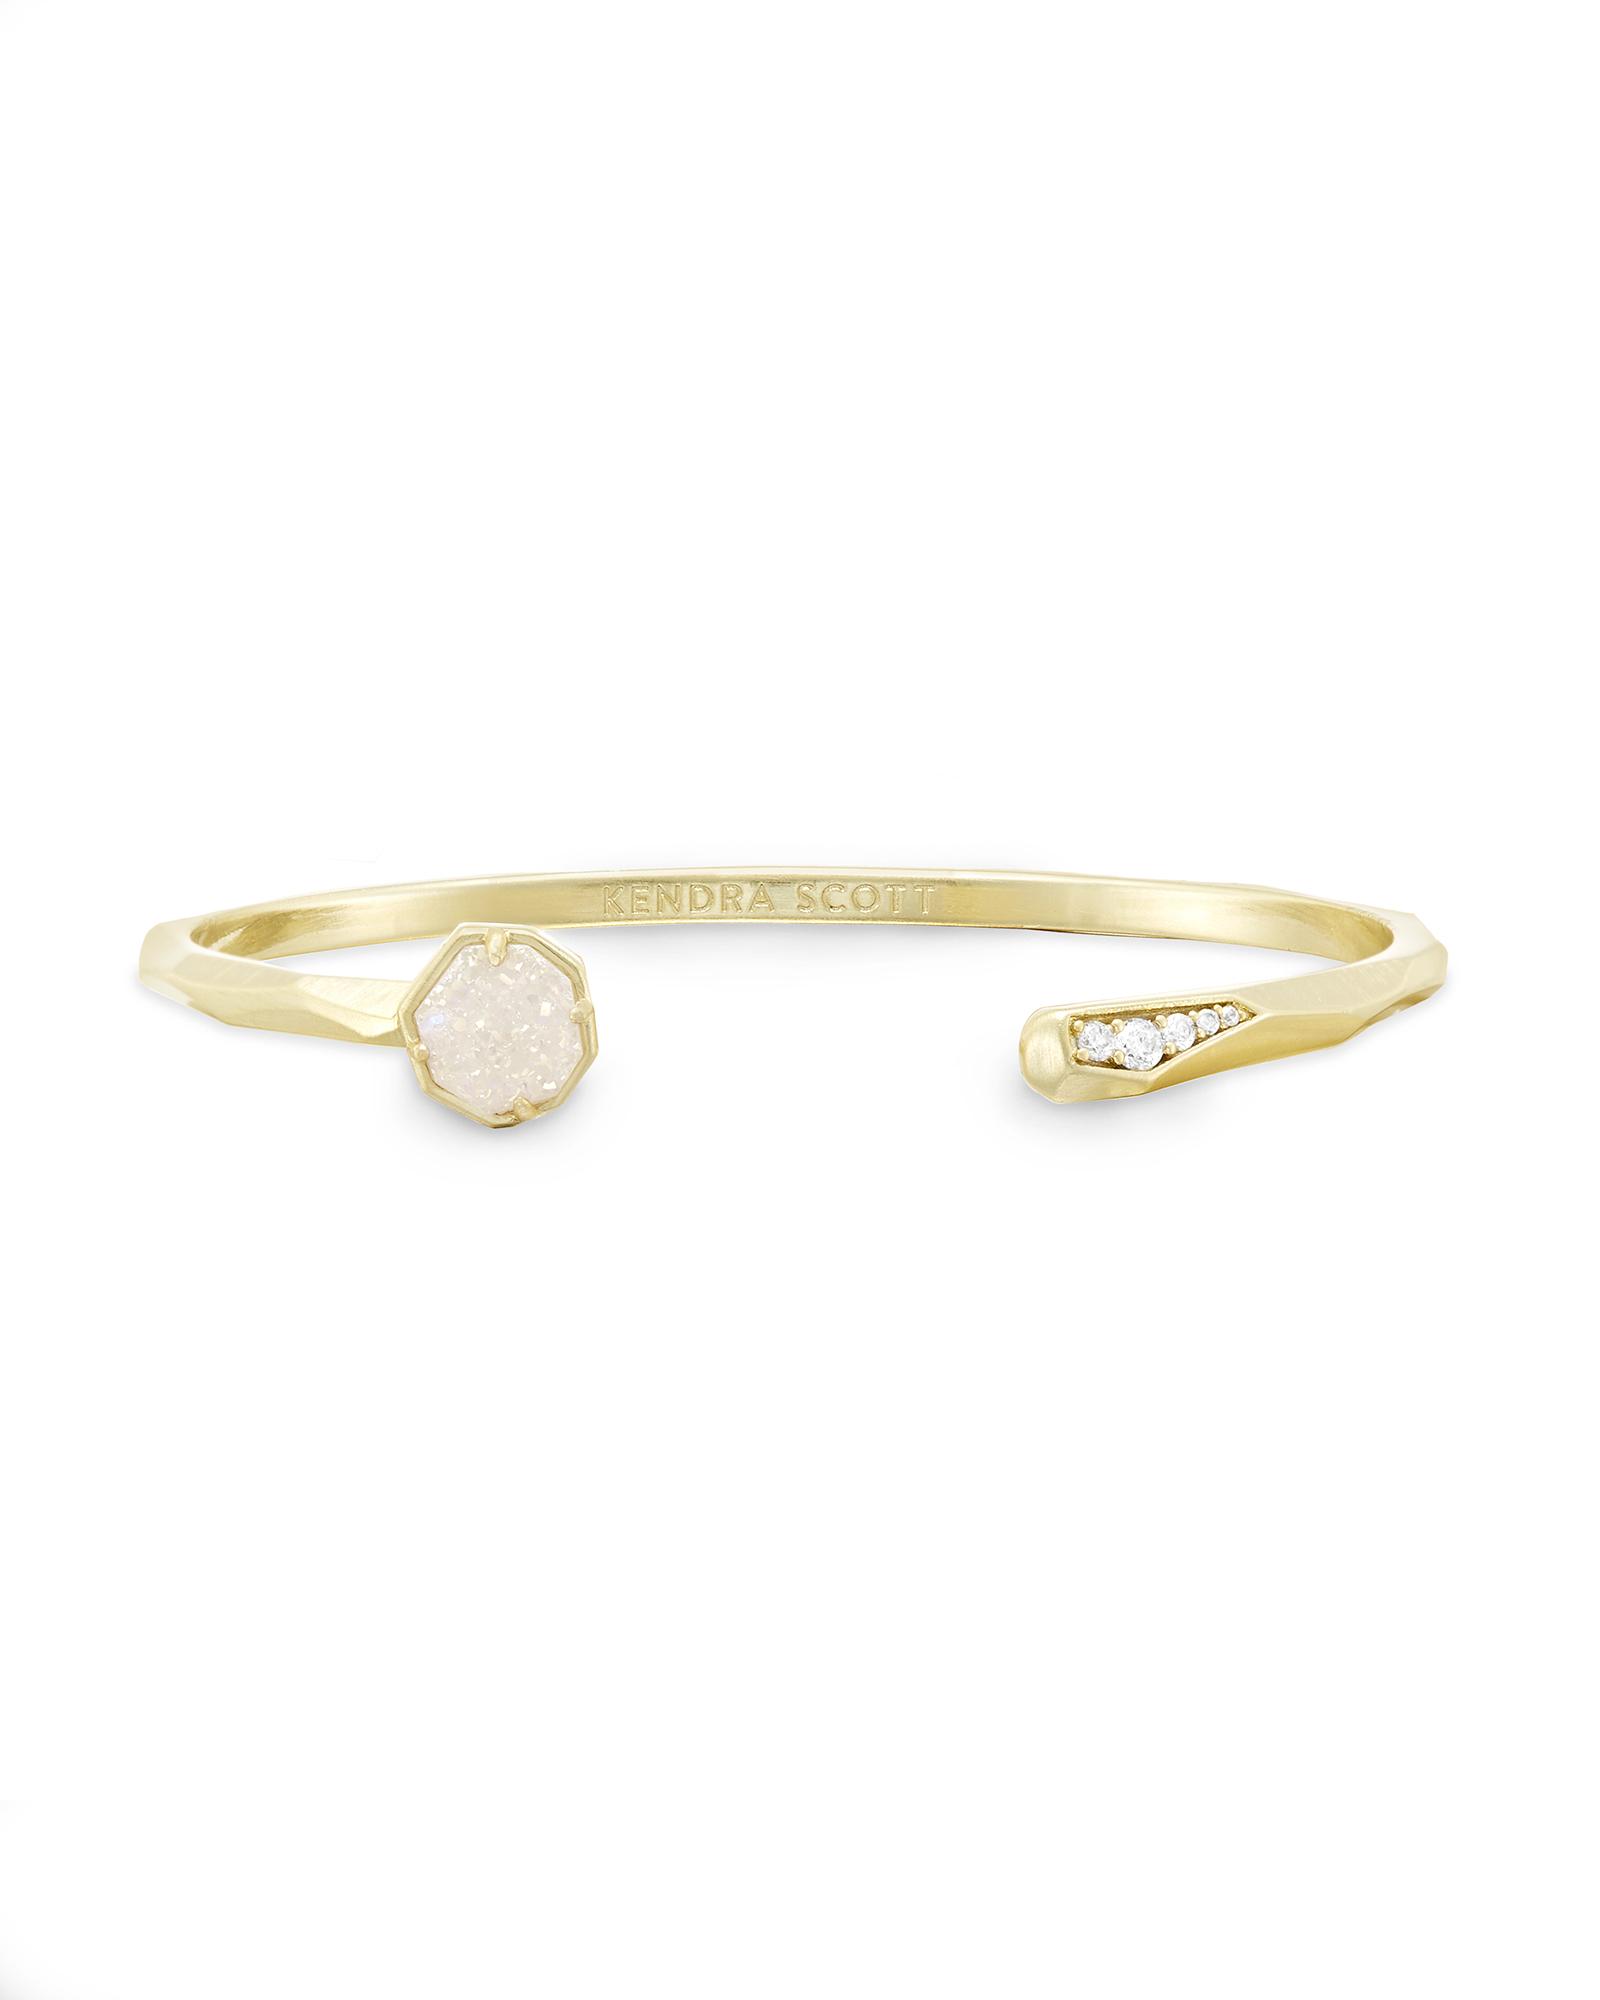 Ashlee Pinch Bracelet In Iridescent Drusy by Kendra Scott